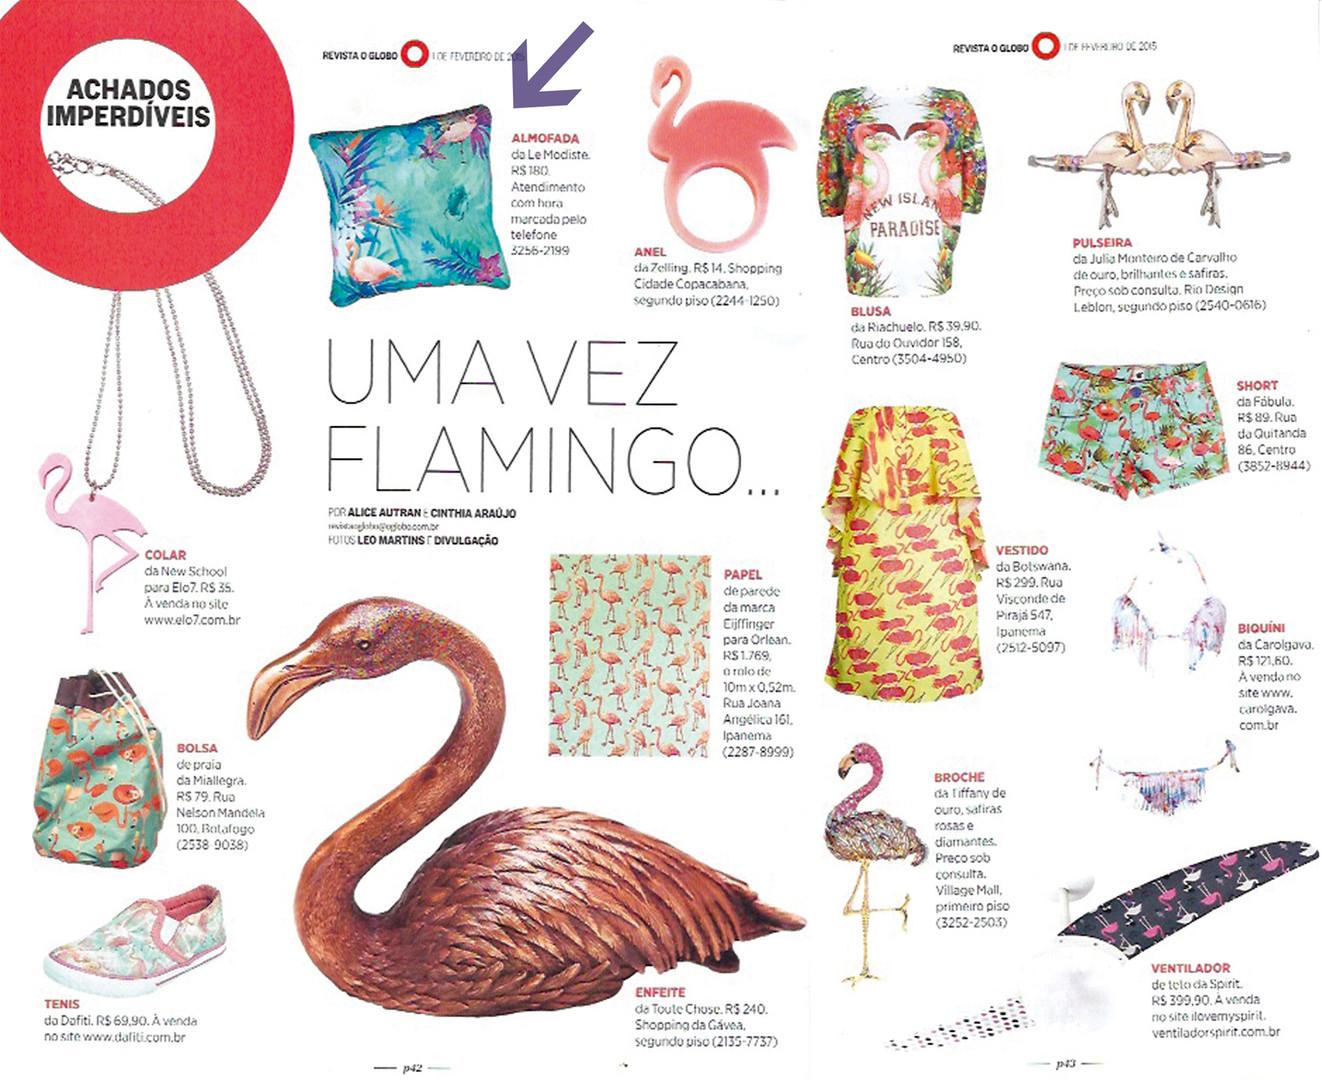 almofada flamingos globo revista achados